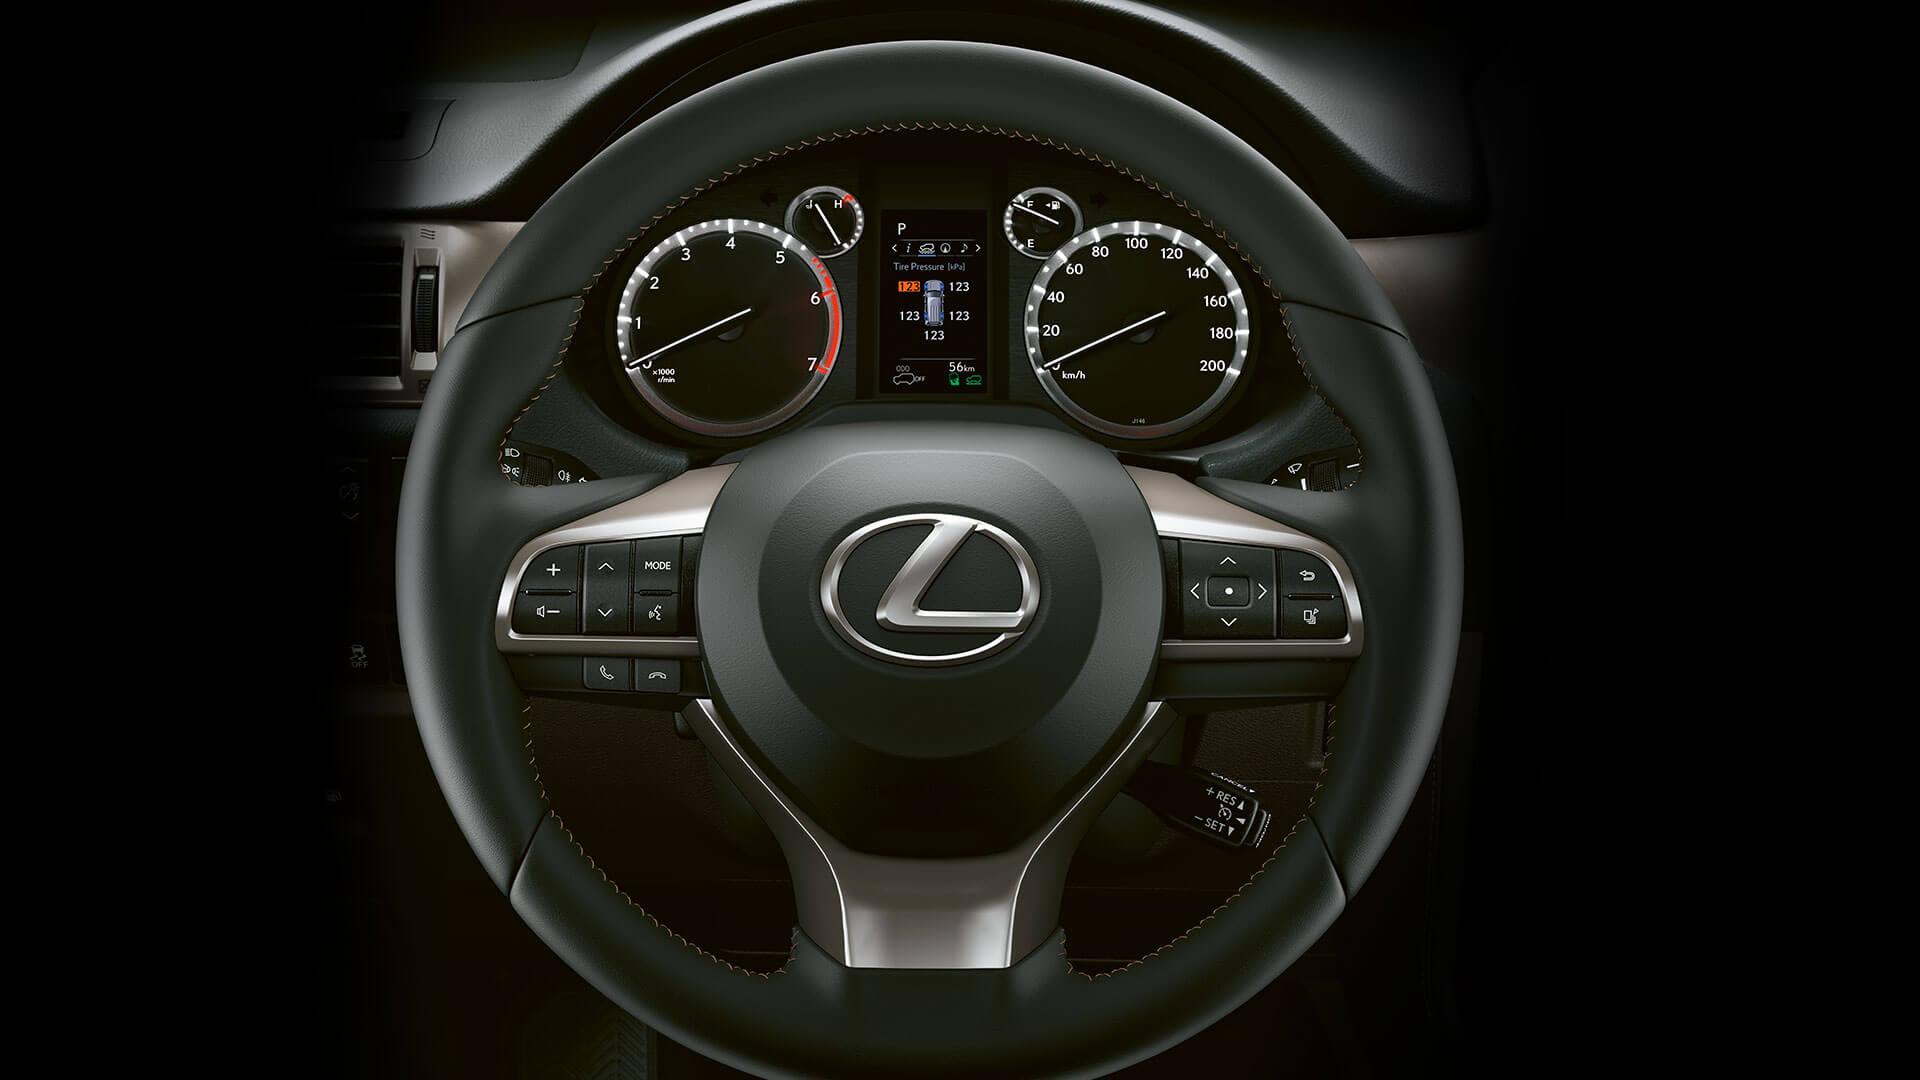 2019 lexus gx hotspot leather steering wheel